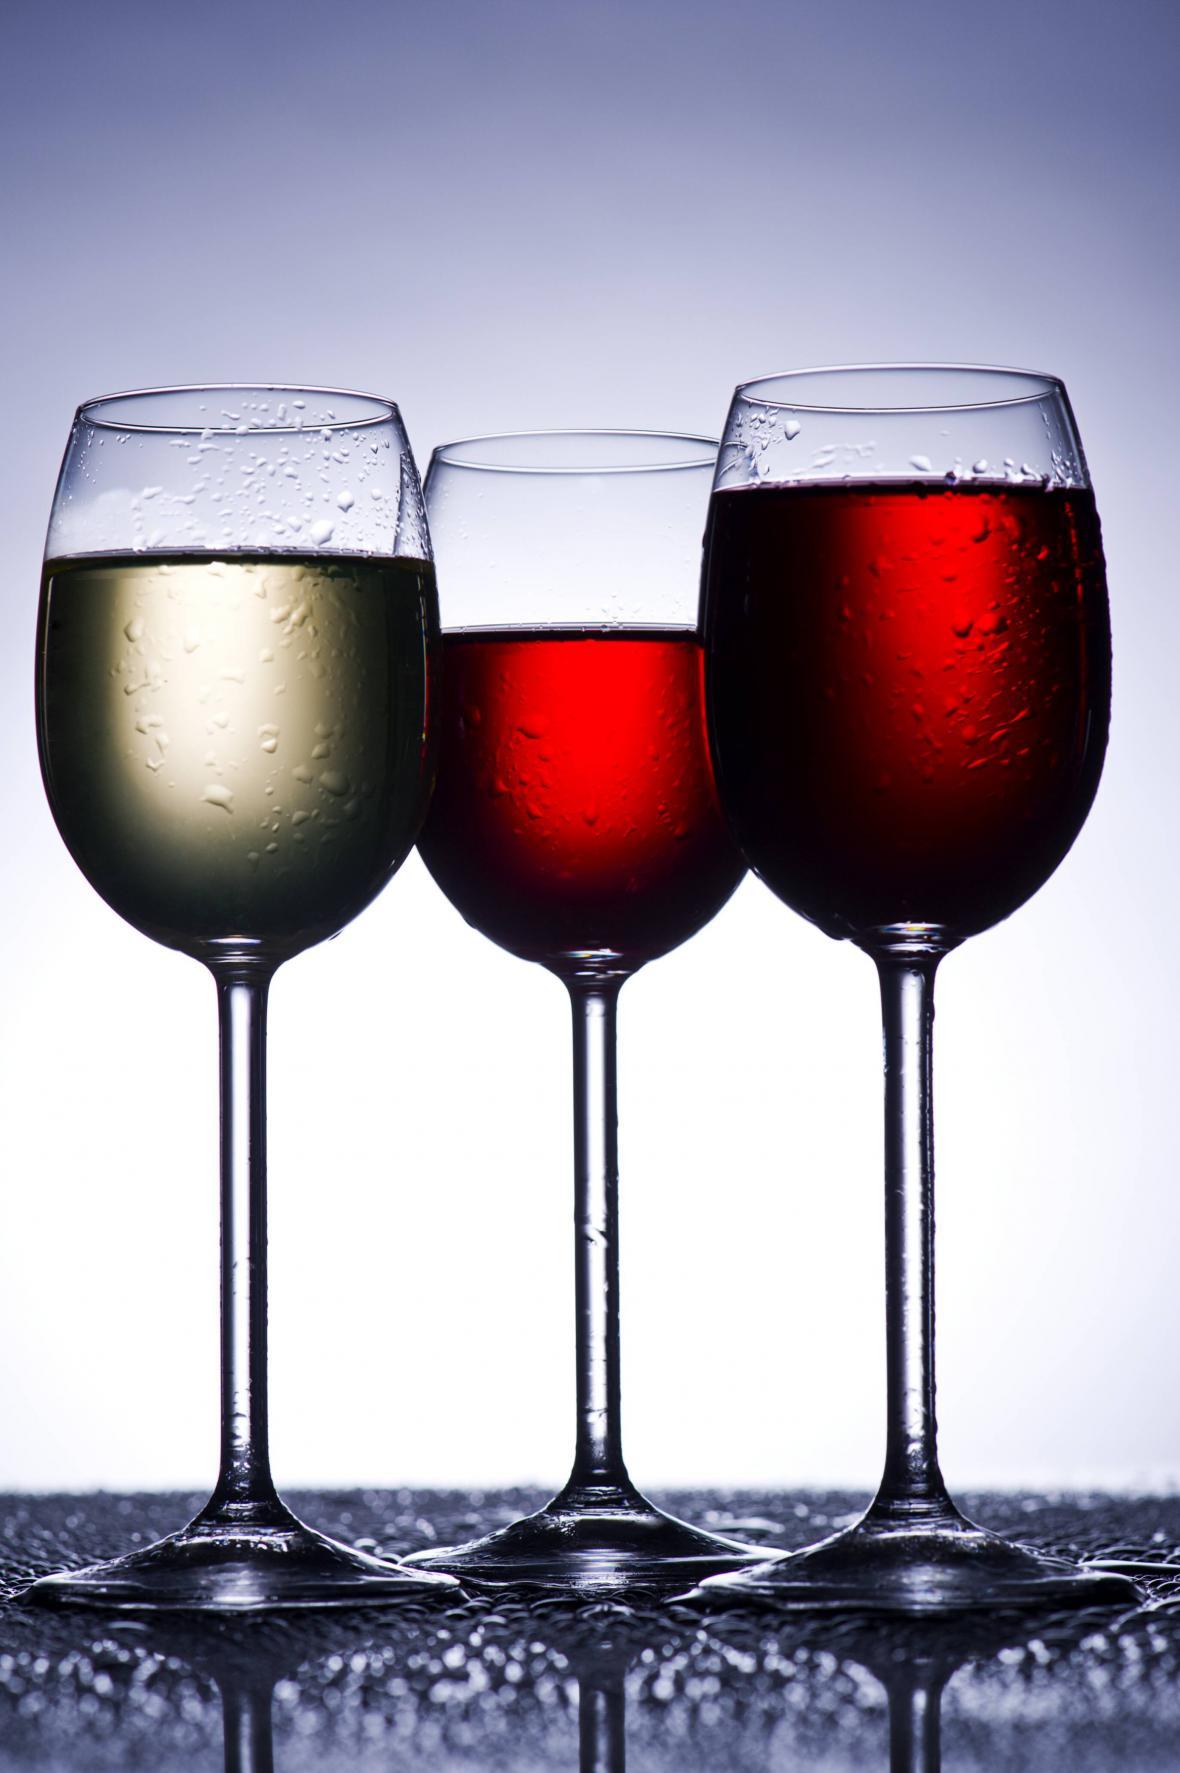 Červené víno poprvé v historii získalo titul absolutního šampióna